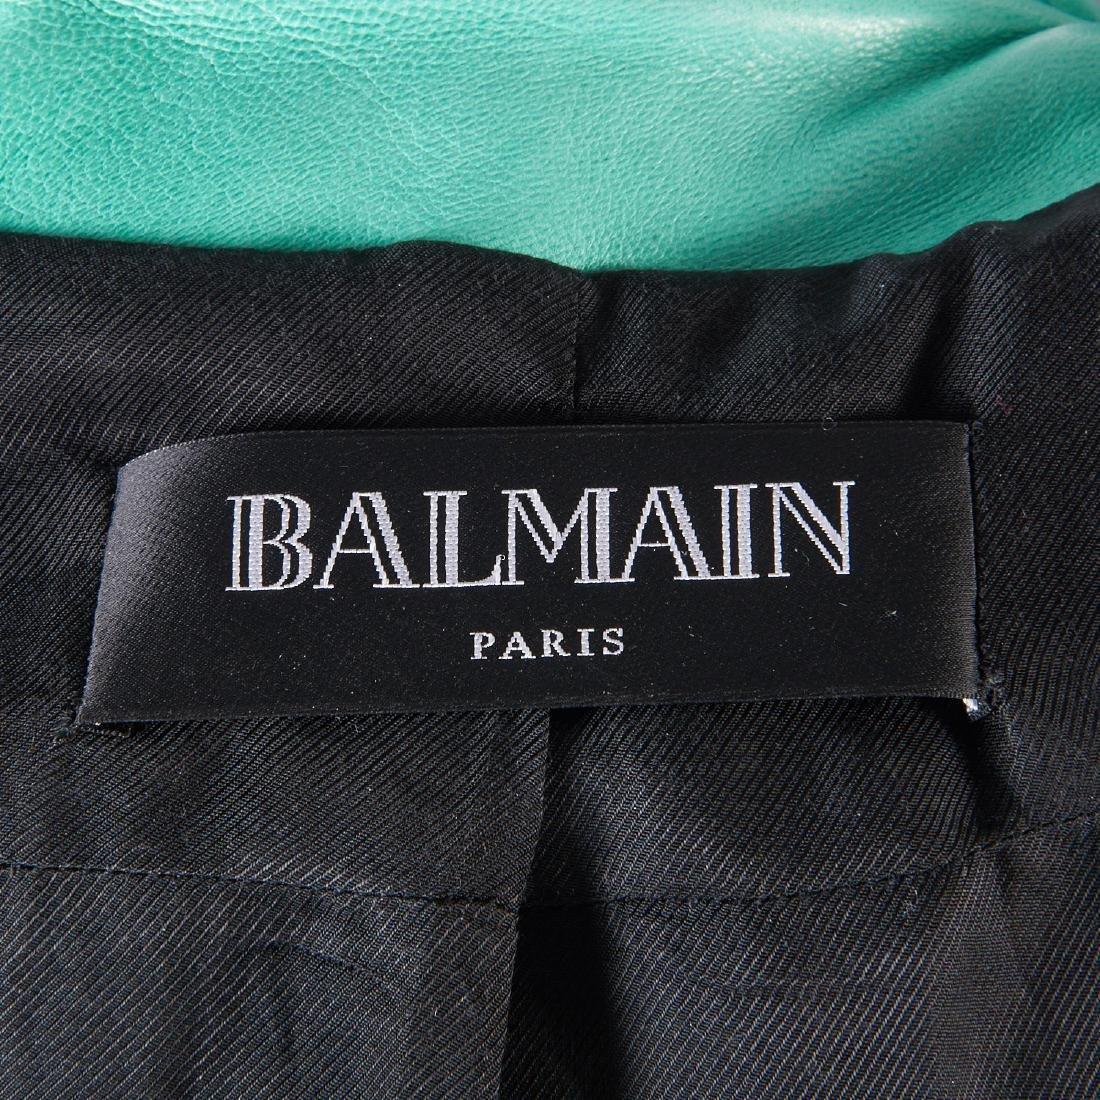 Balmain Paris turquoise lambskin jacket - 16